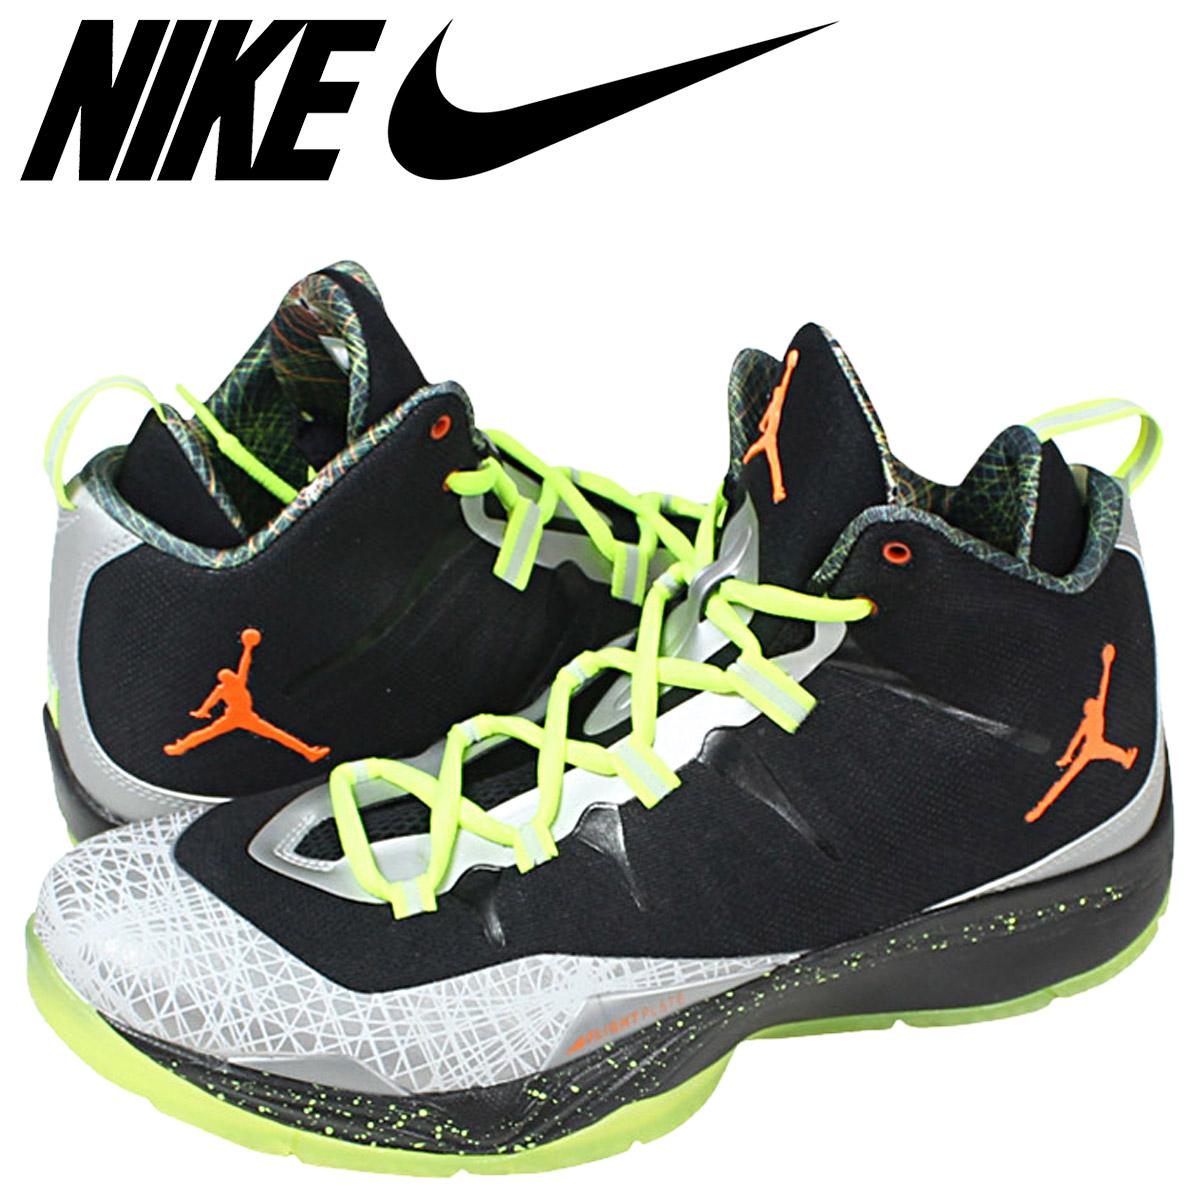 Christmas Sneakers.Nike Nike Air Jordan Sneakers Super Fly 2 Christmas Jordan Super Fly 640 315 025 Black Black Men